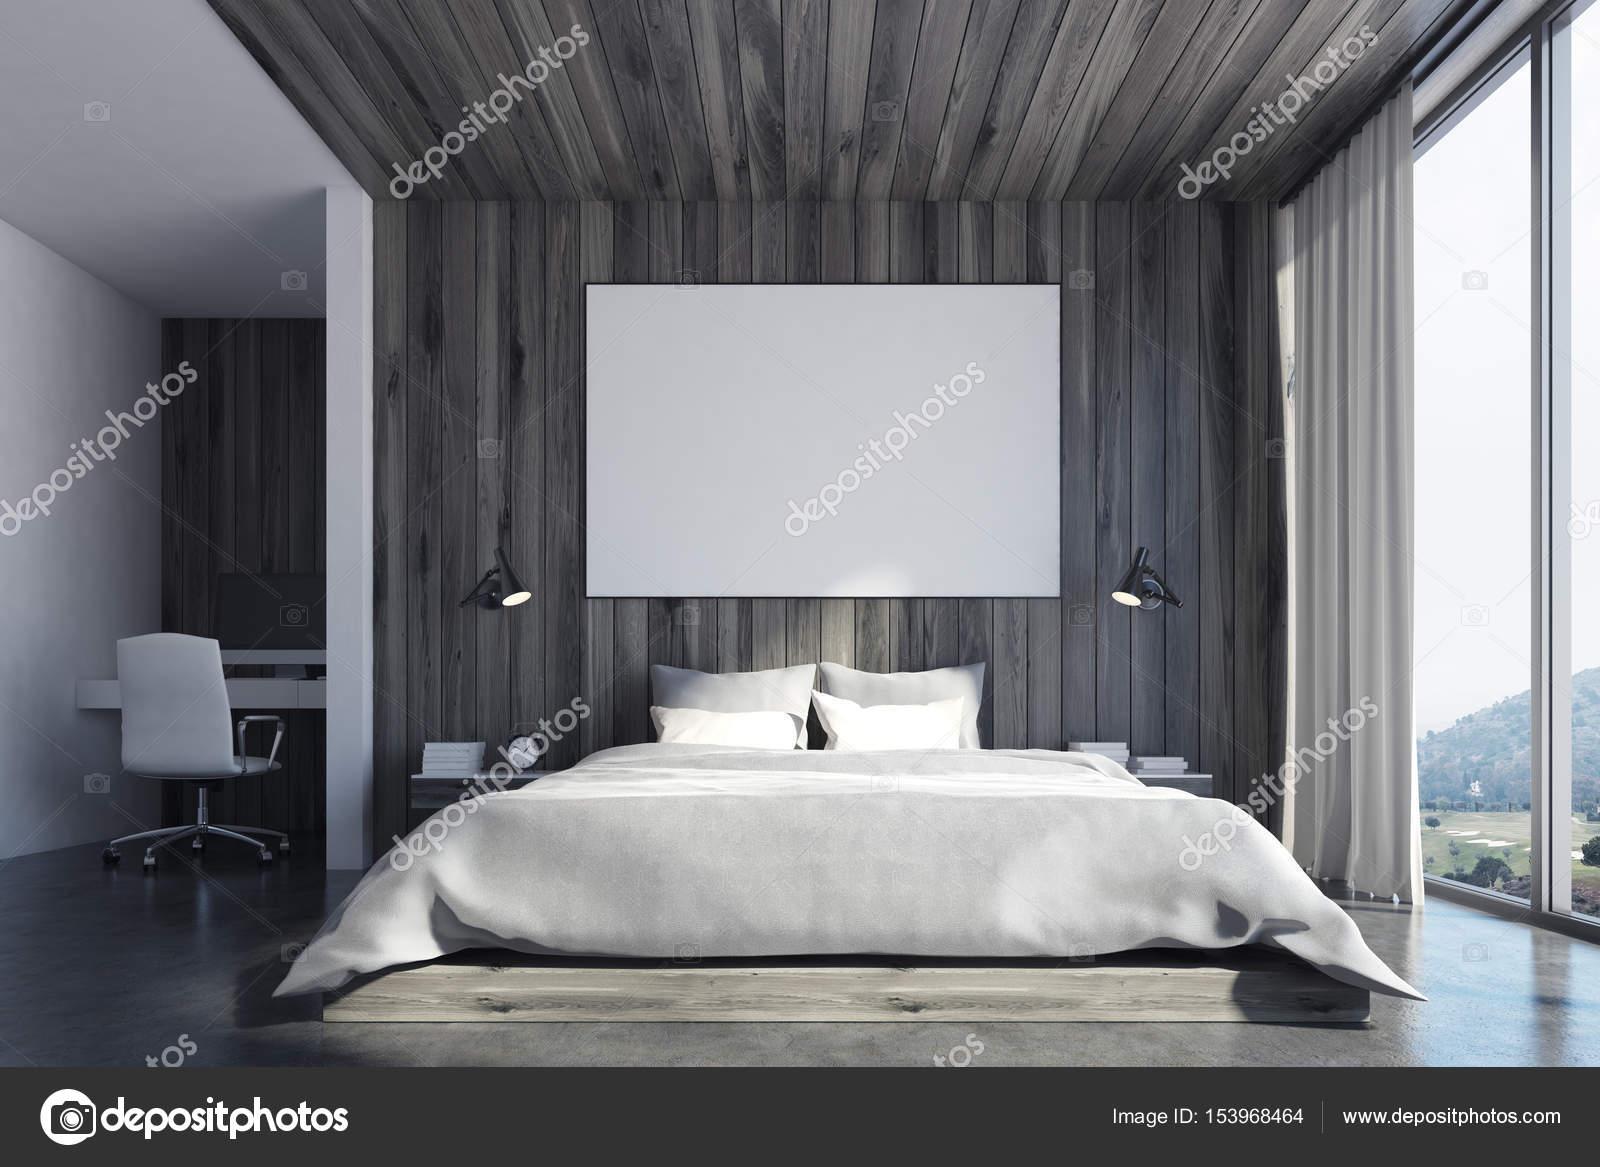 Camera da letto eco con poster anteriore foto stock denisismagilov 153968464 - Poster camera da letto ...